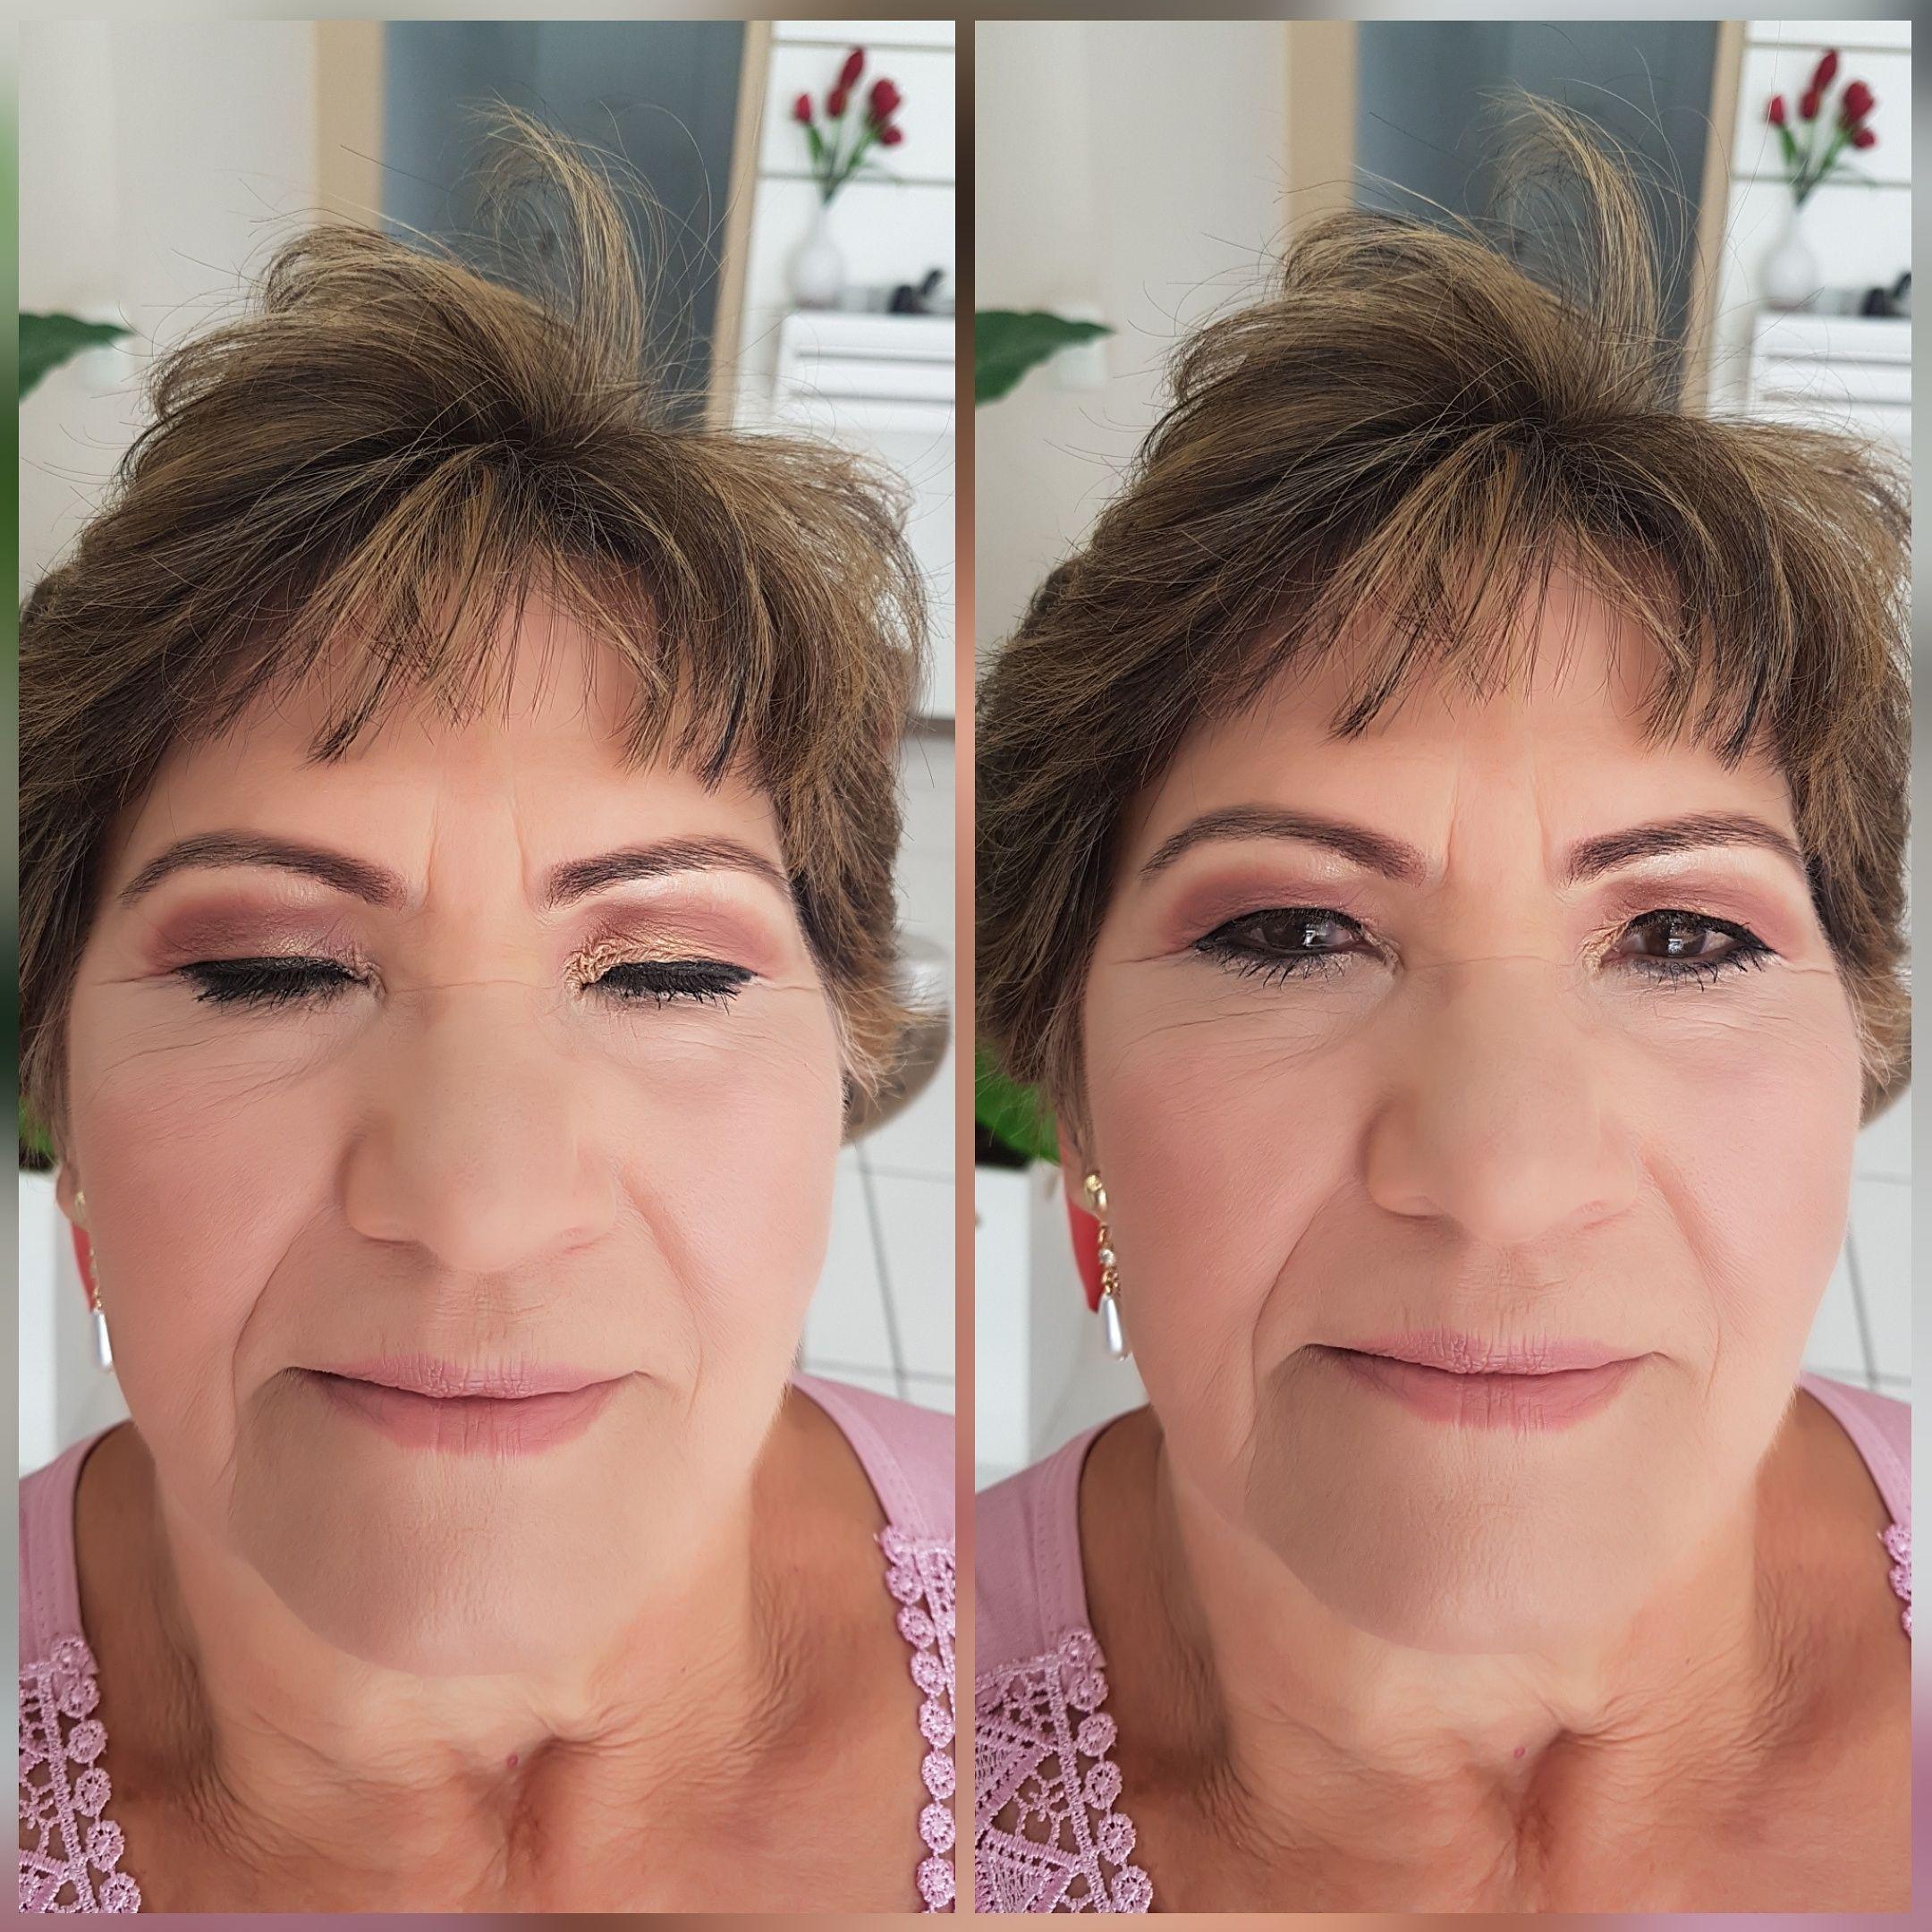 Make em pele madura maquiagem esteticista docente / professor(a) manicure e pedicure maquiador(a) micropigmentador(a) cosmetólogo(a) aromaterapeuta